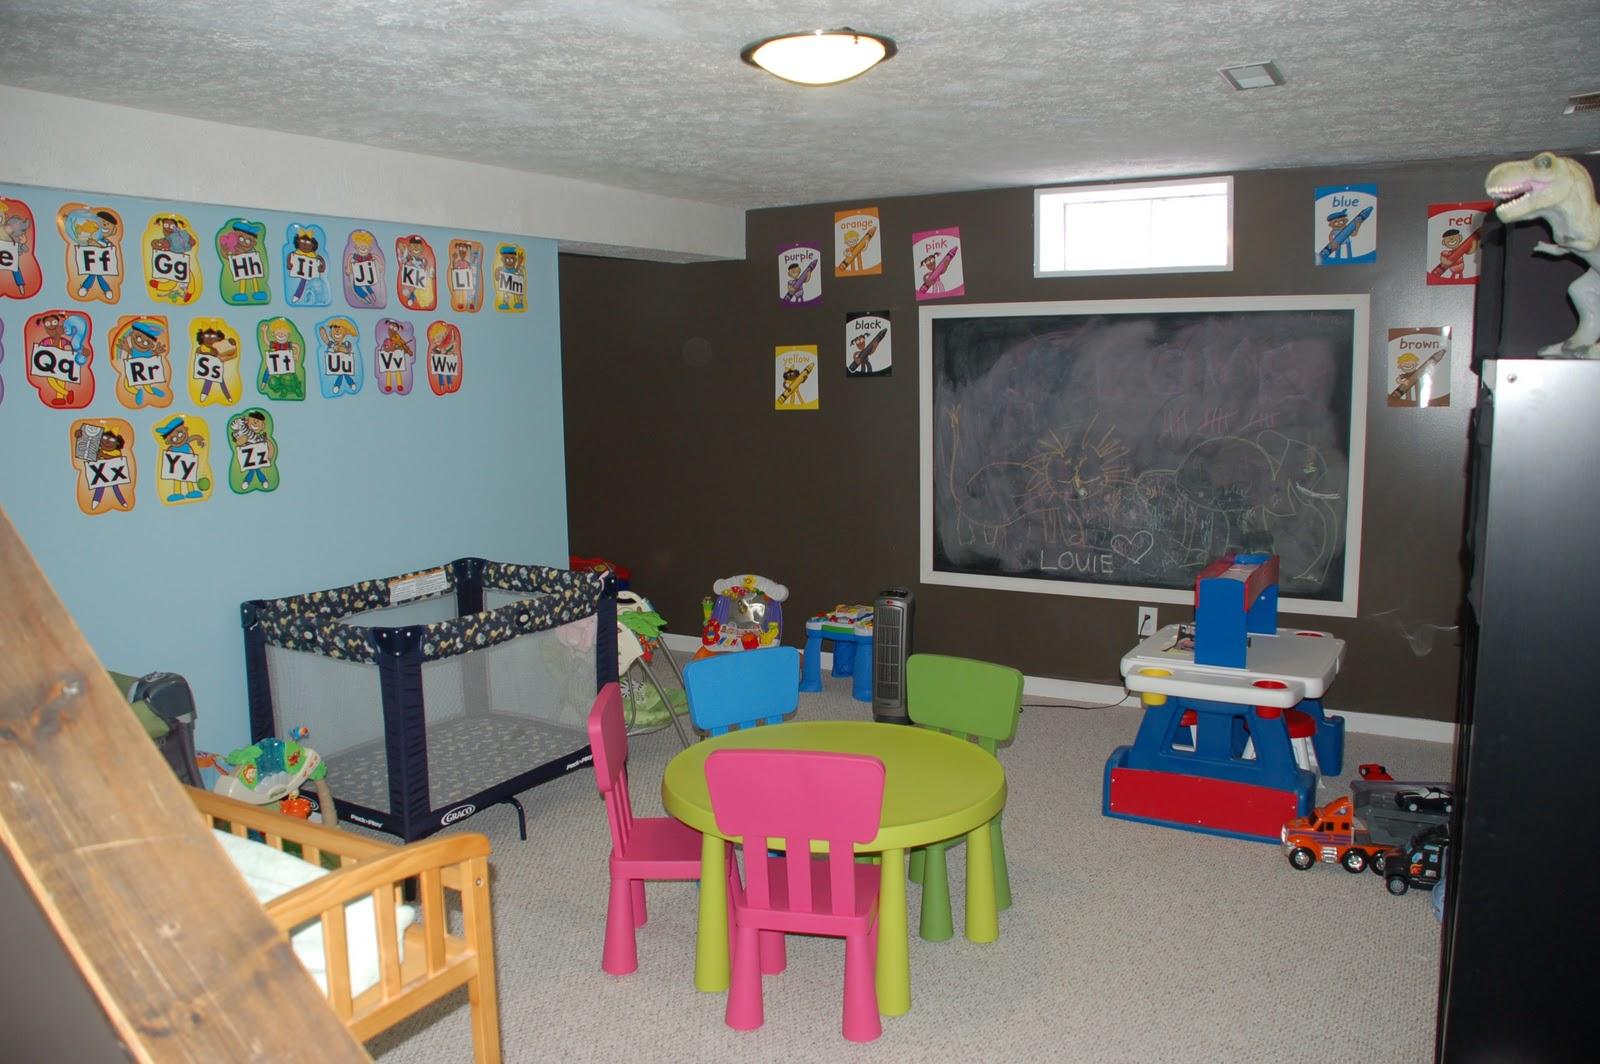 sunnyside family daycare  layout photos